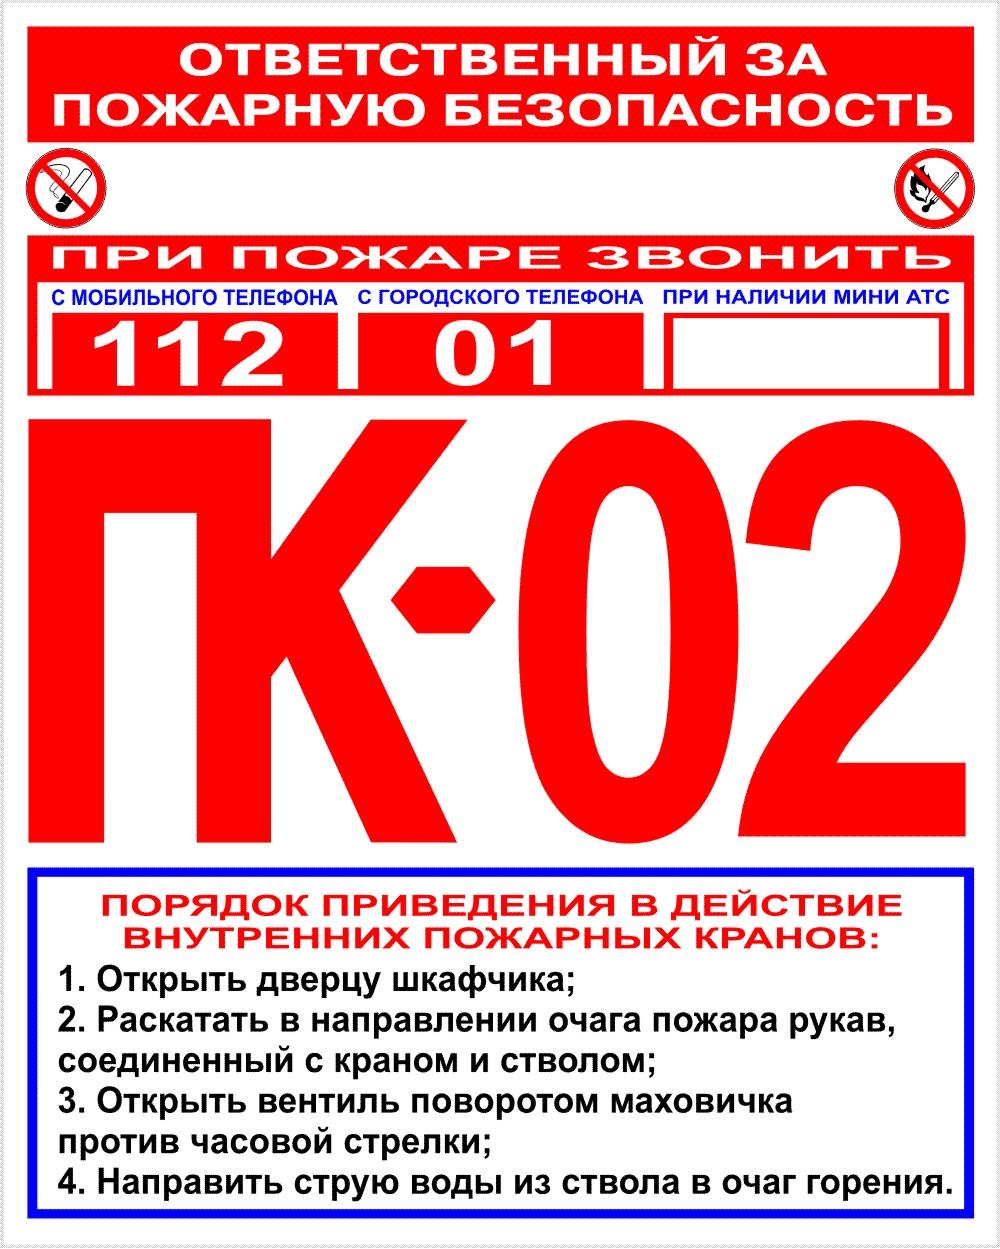 Знаки пожарной безопасности / энциклопедия / pozhproekt. Ru.